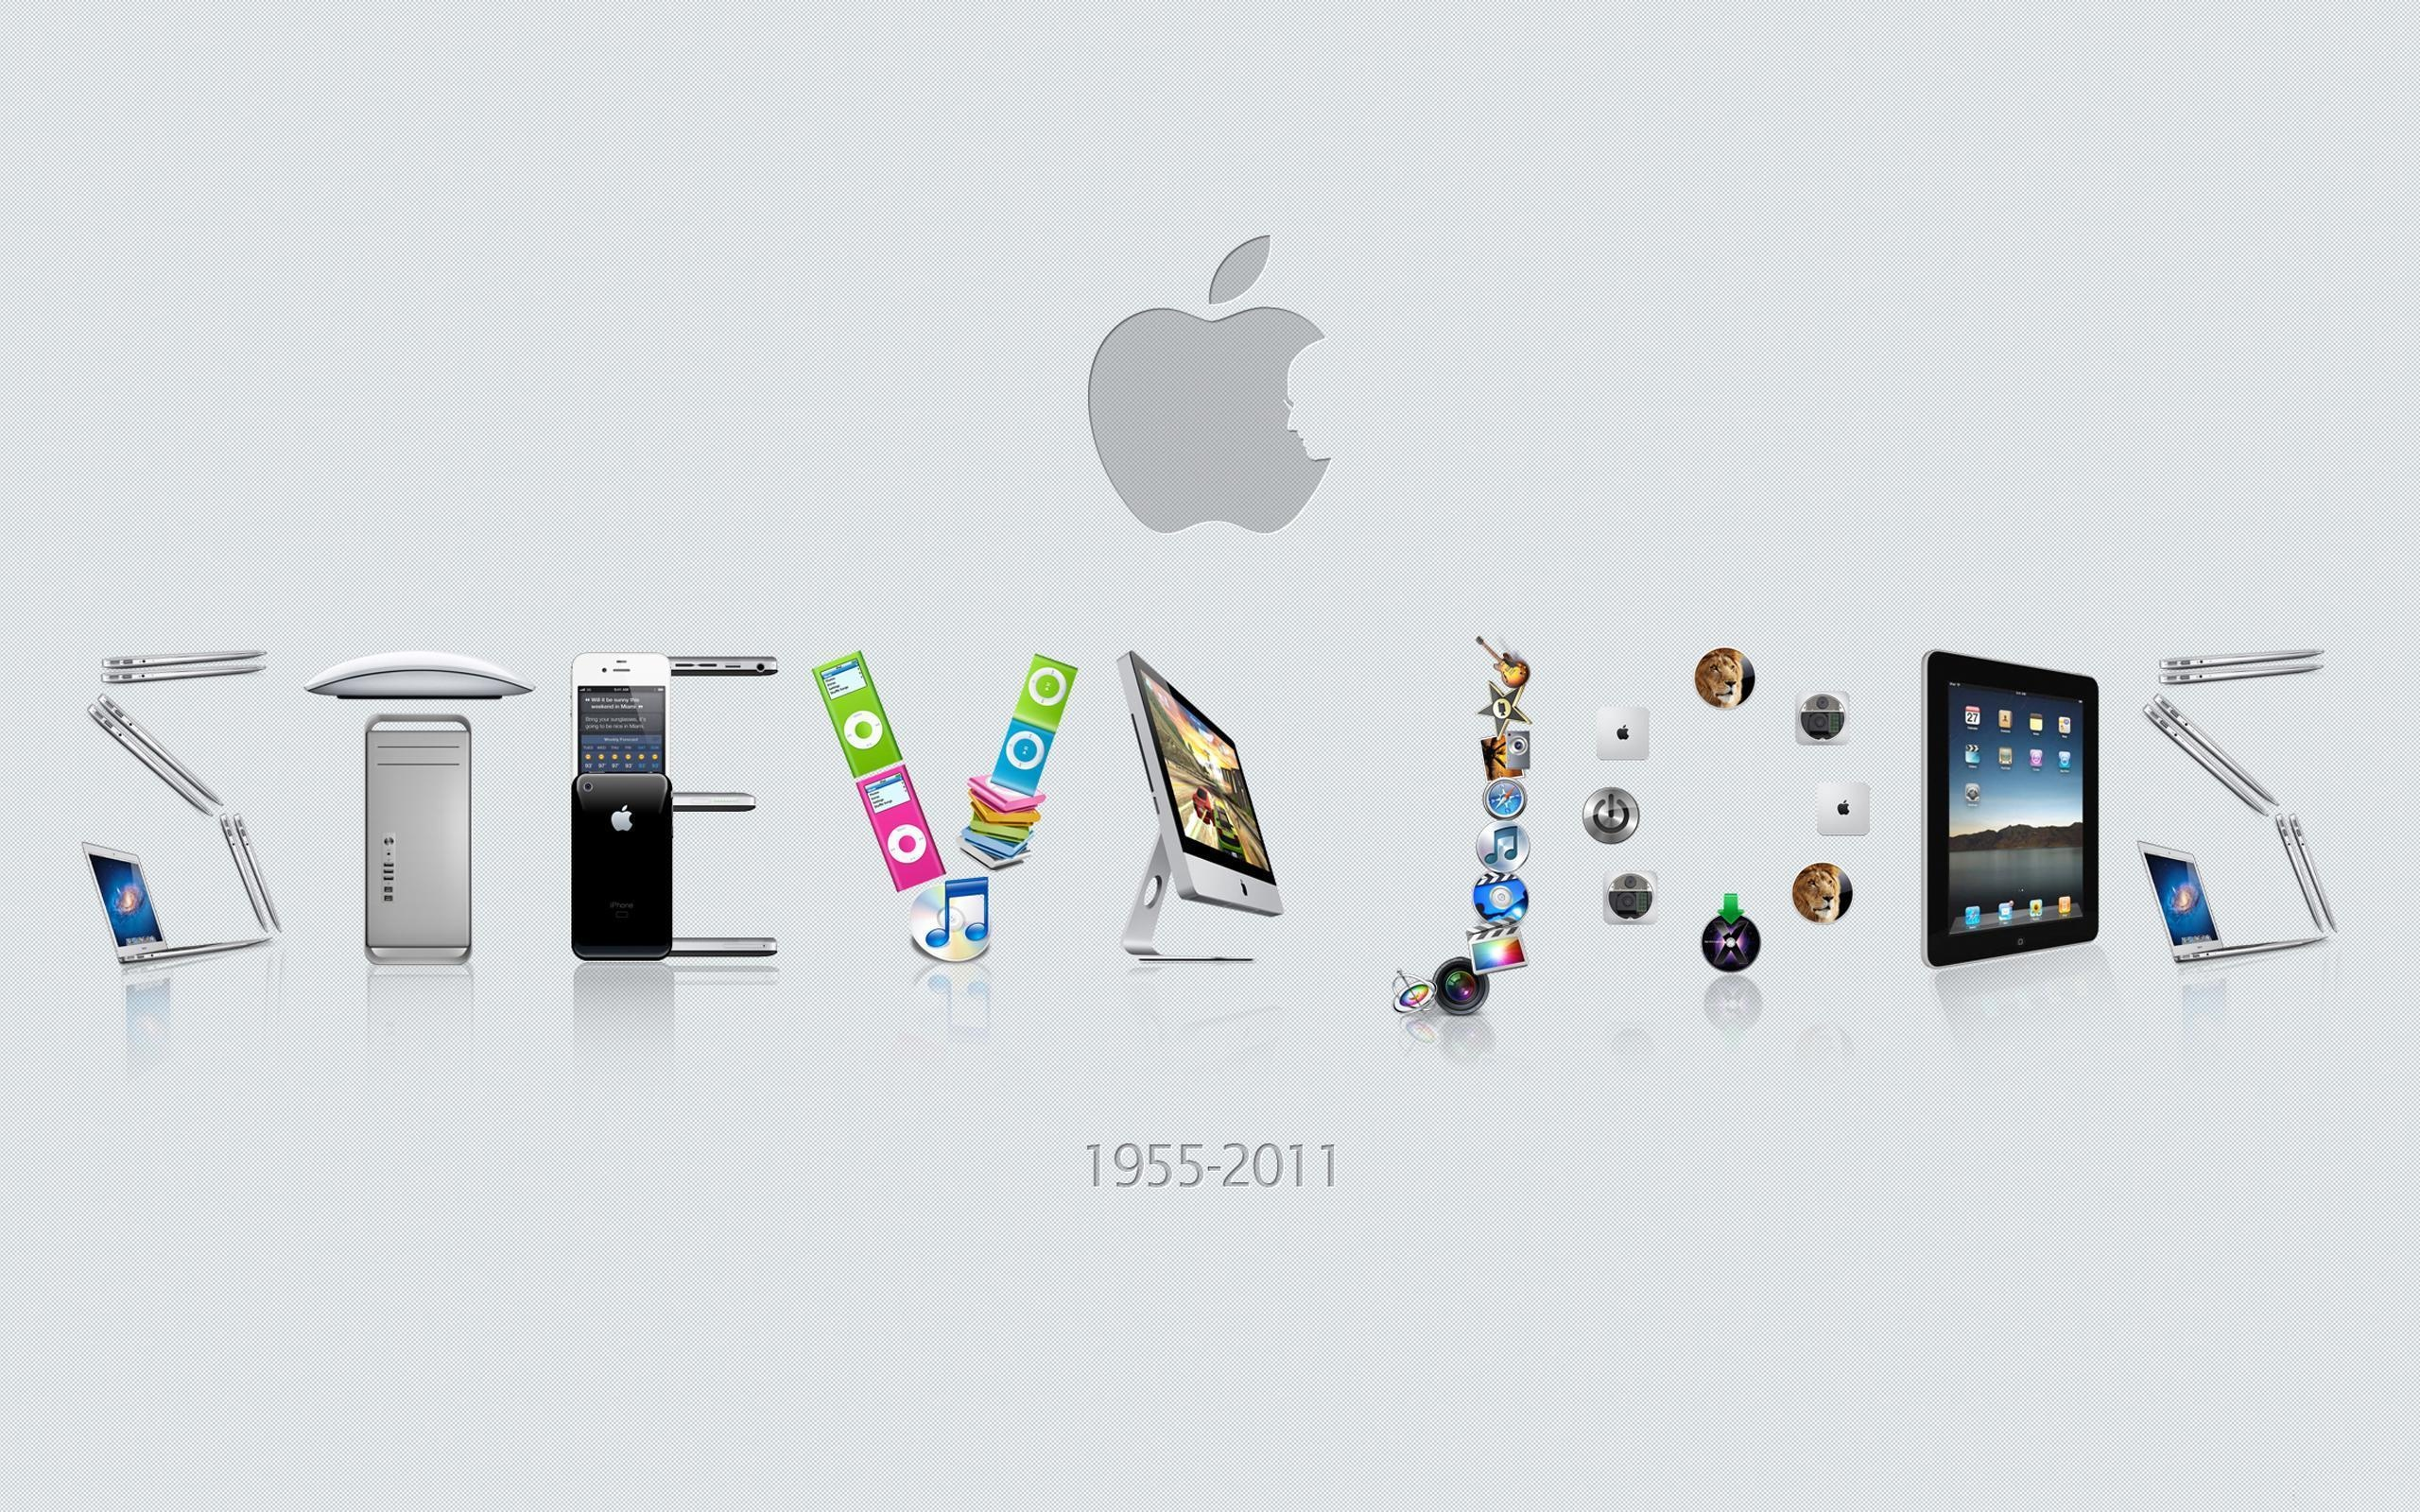 壁紙 スティーブ ジョブズアップル 2560x1600 Hd 無料のデスクトップの